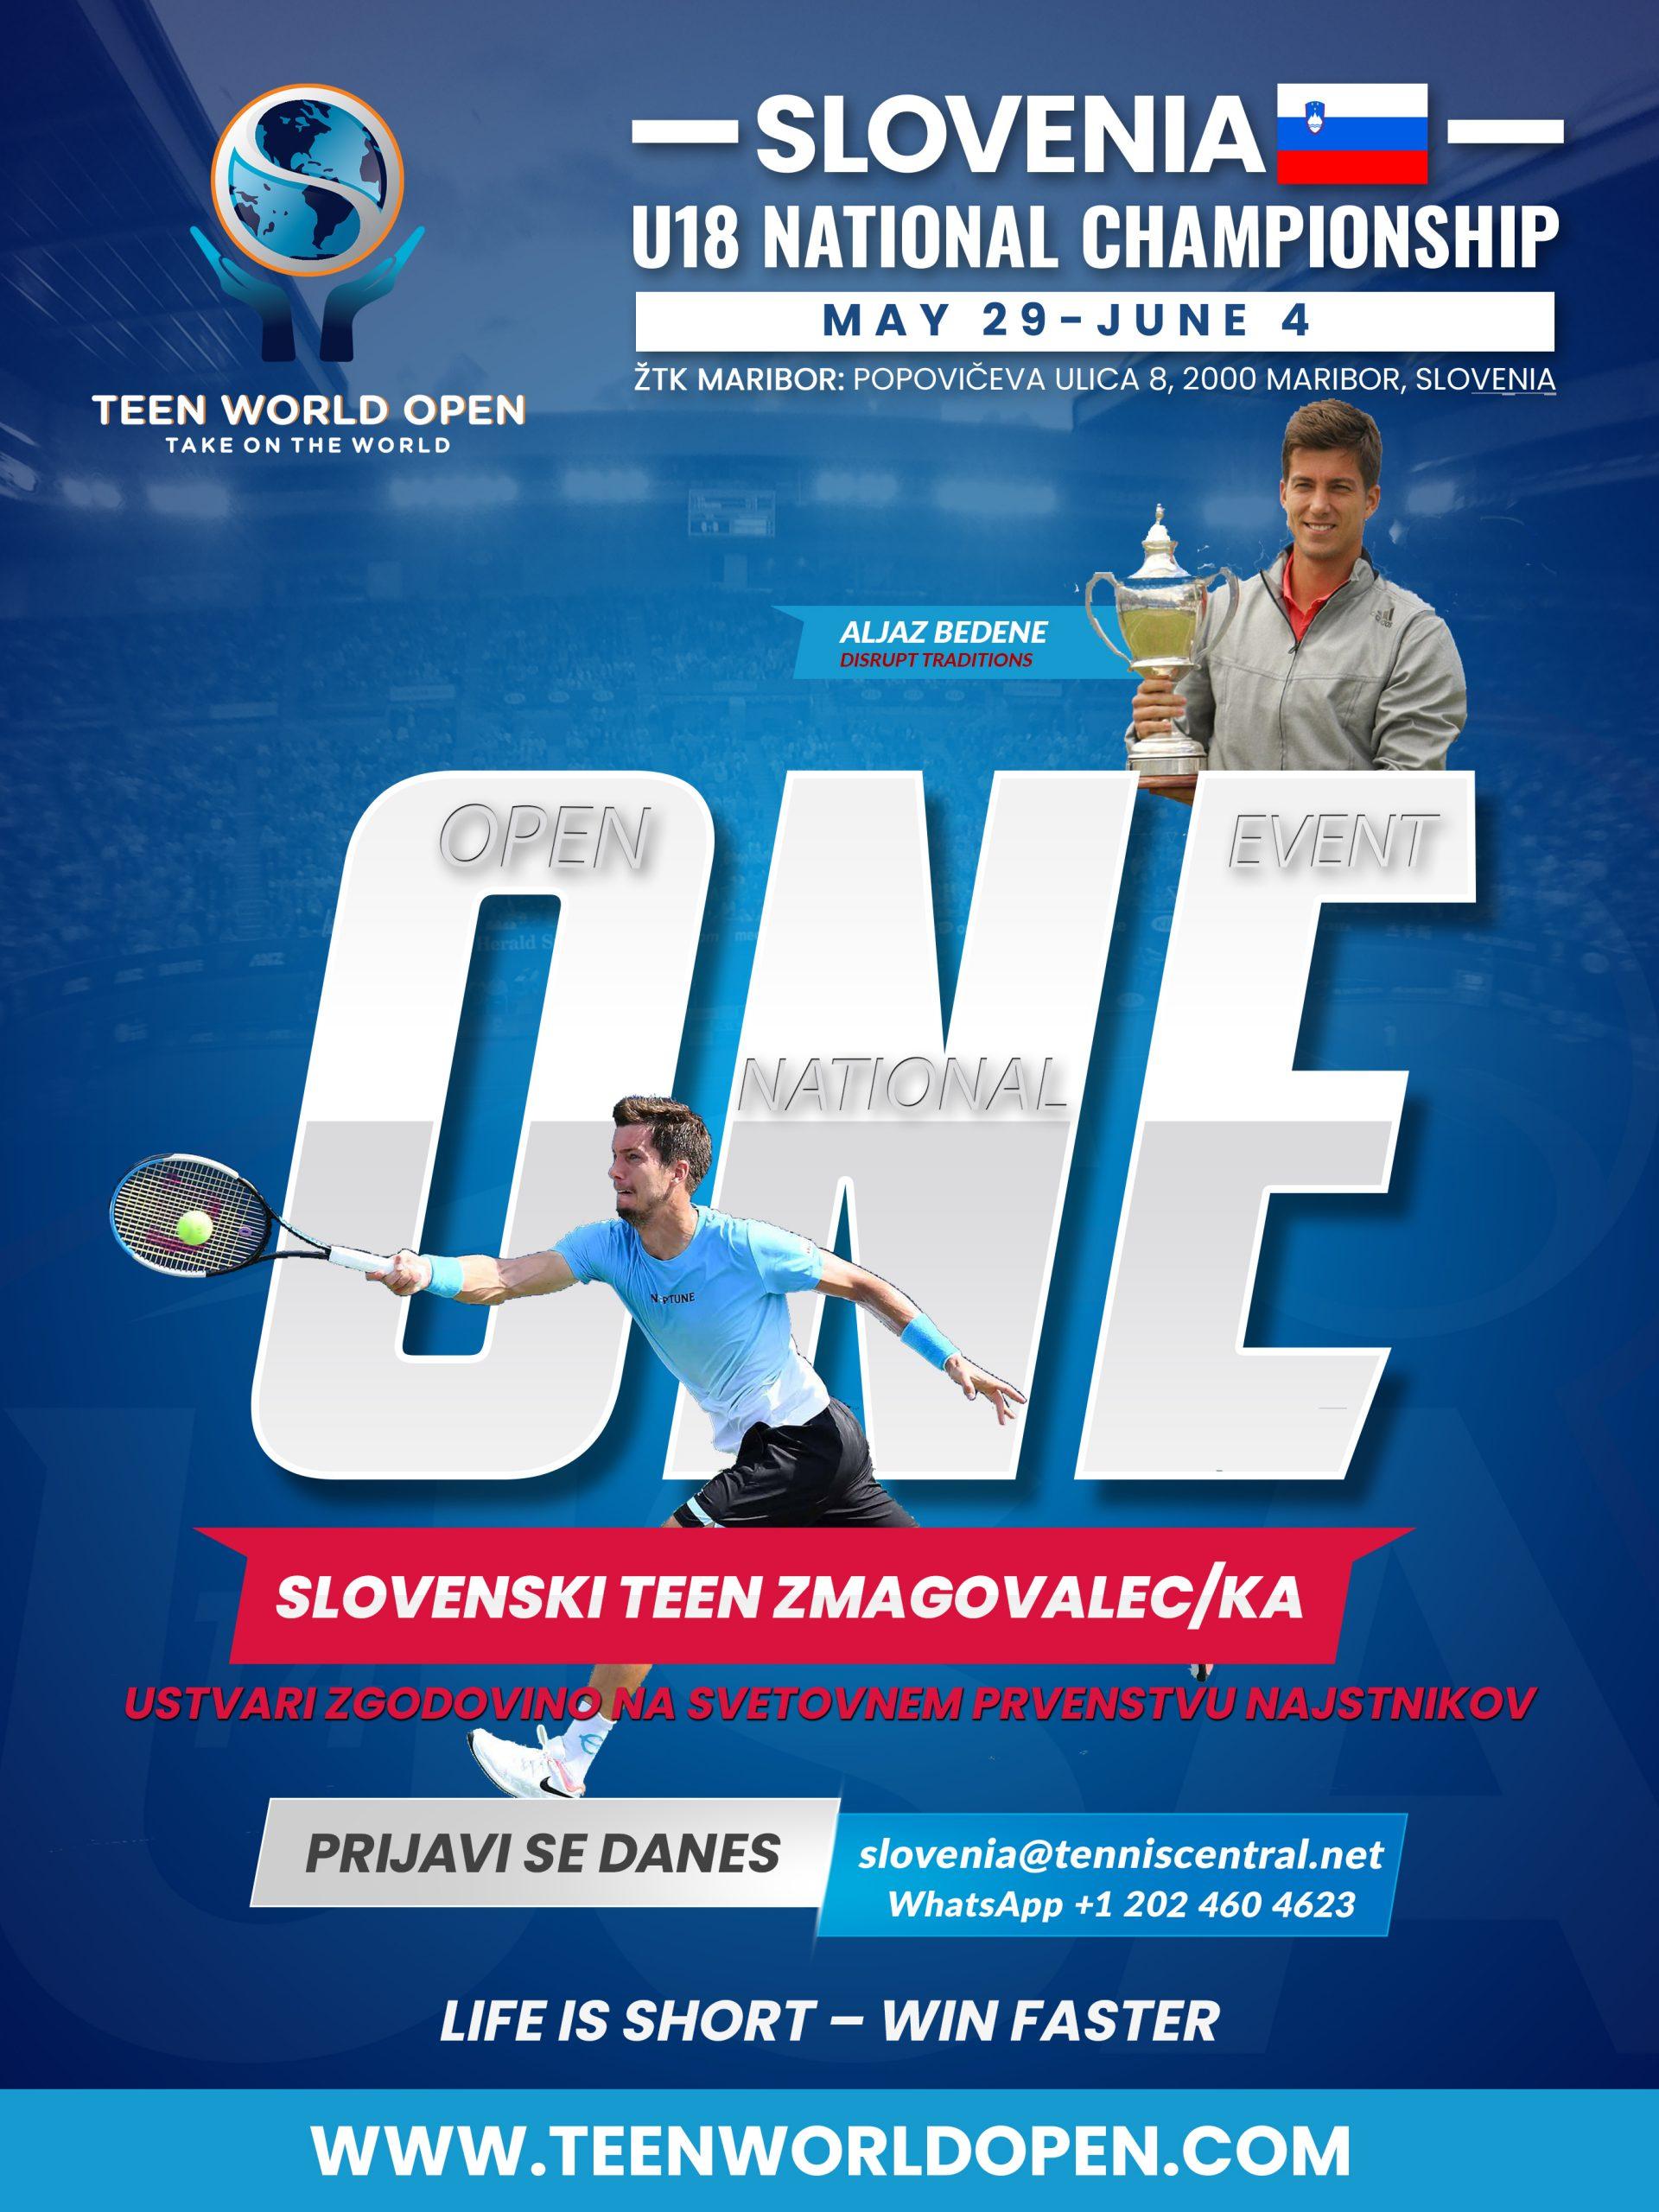 teen world open Slovenia slo scaled - Državna prvaka do 18 let vabljena na brezplačno udeležbo - UTR Teen World Open v ZDA